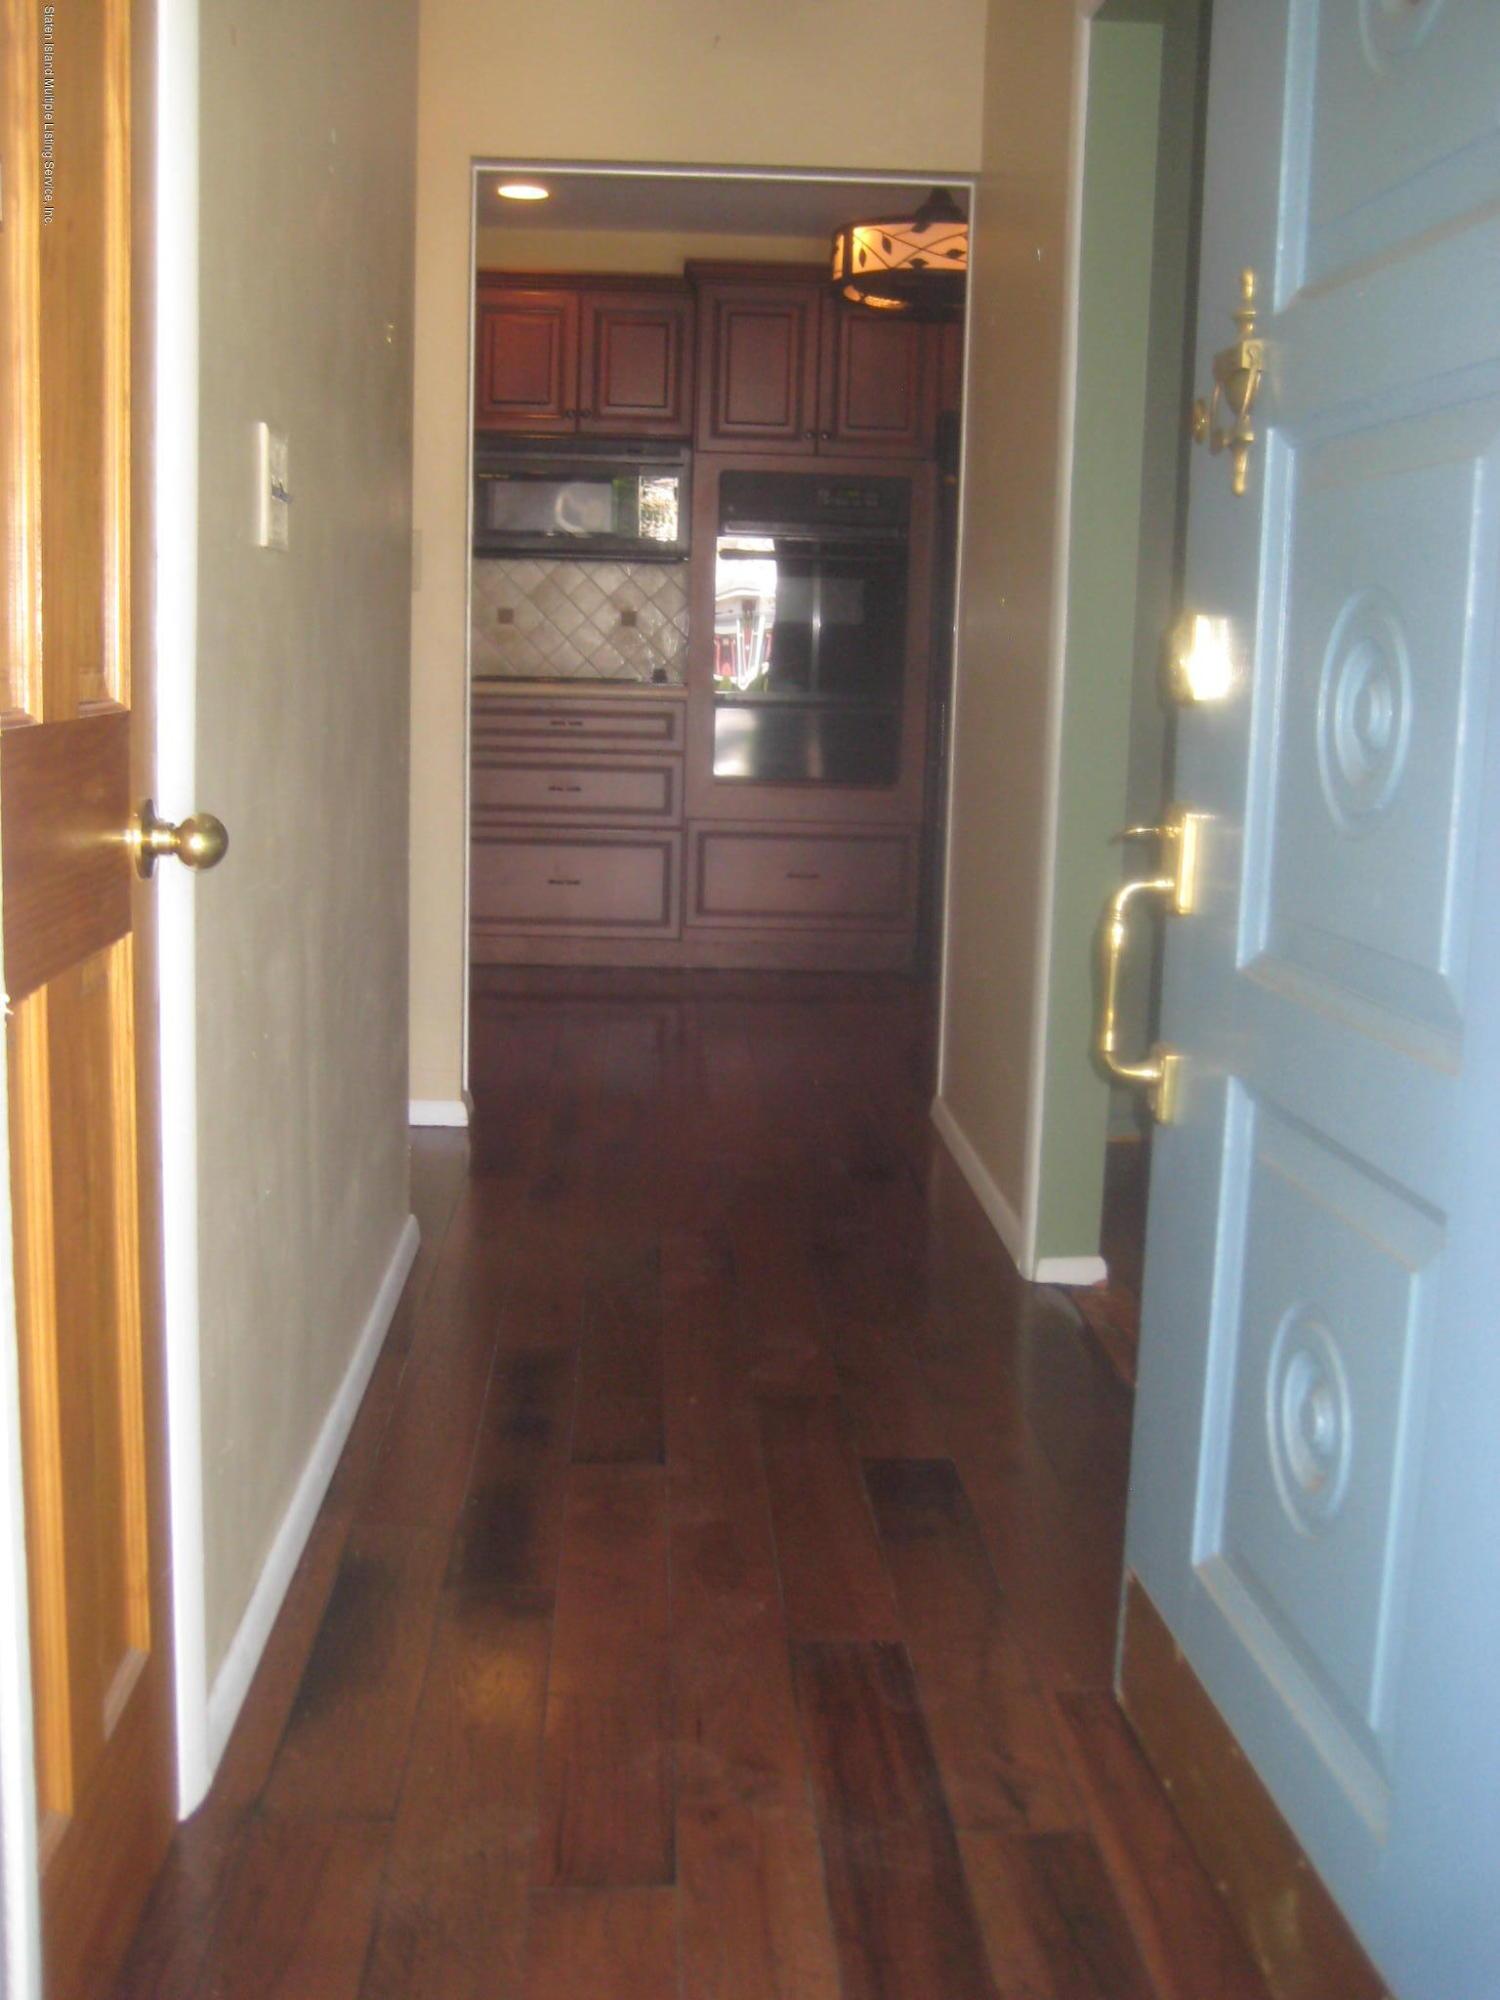 Single Family - Detached 88 Leverett Avenue  Staten Island, NY 10308, MLS-1131026-3